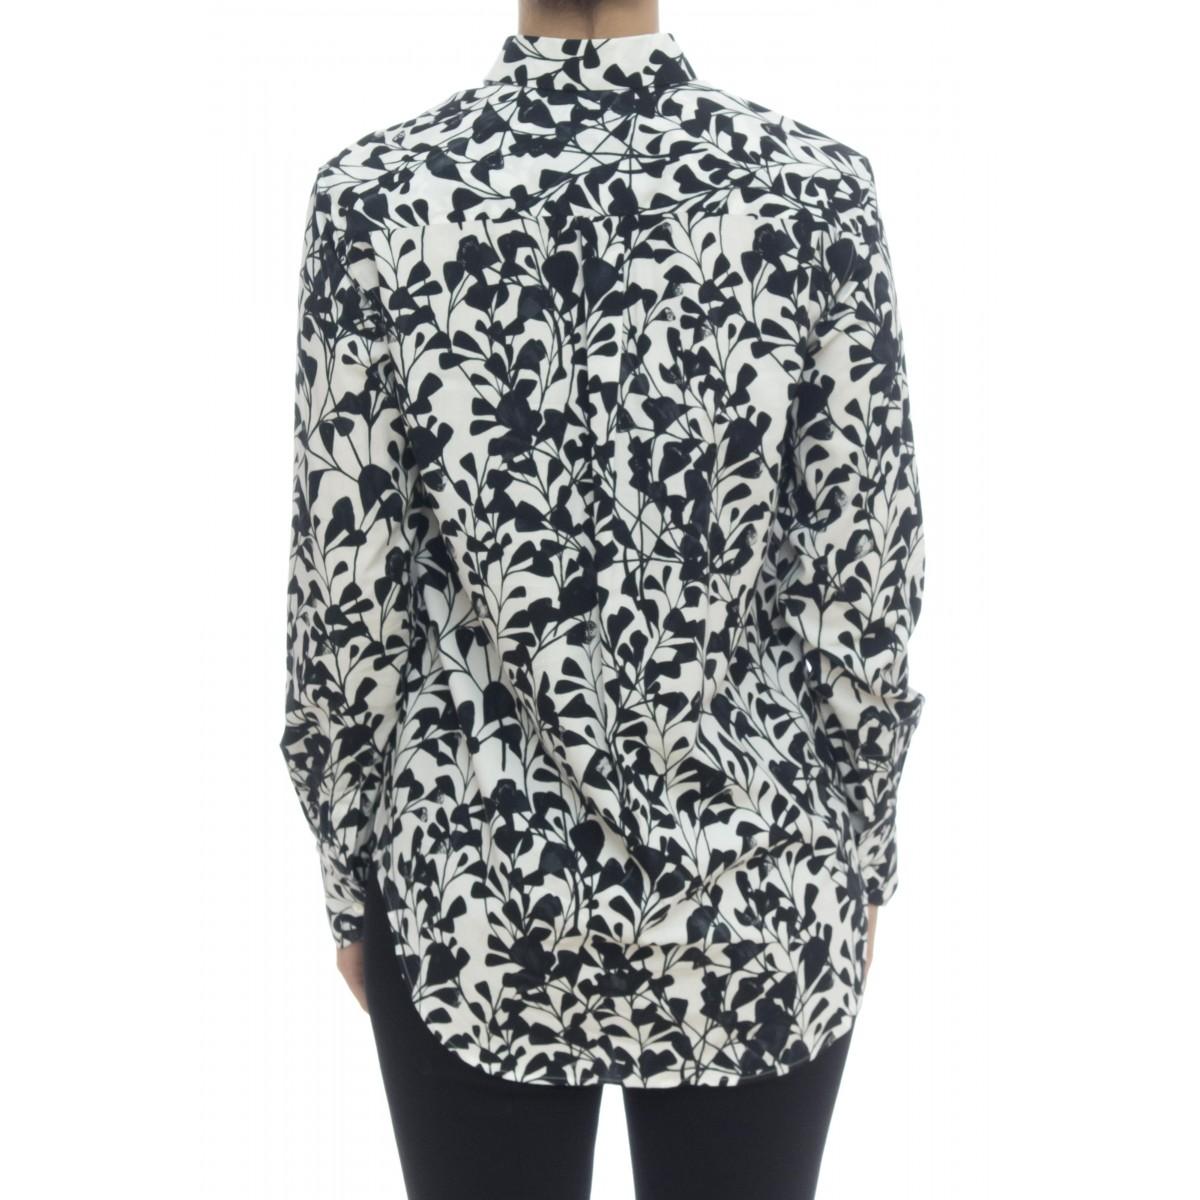 Camicia donna - 1107 55531 fiore bianco nero